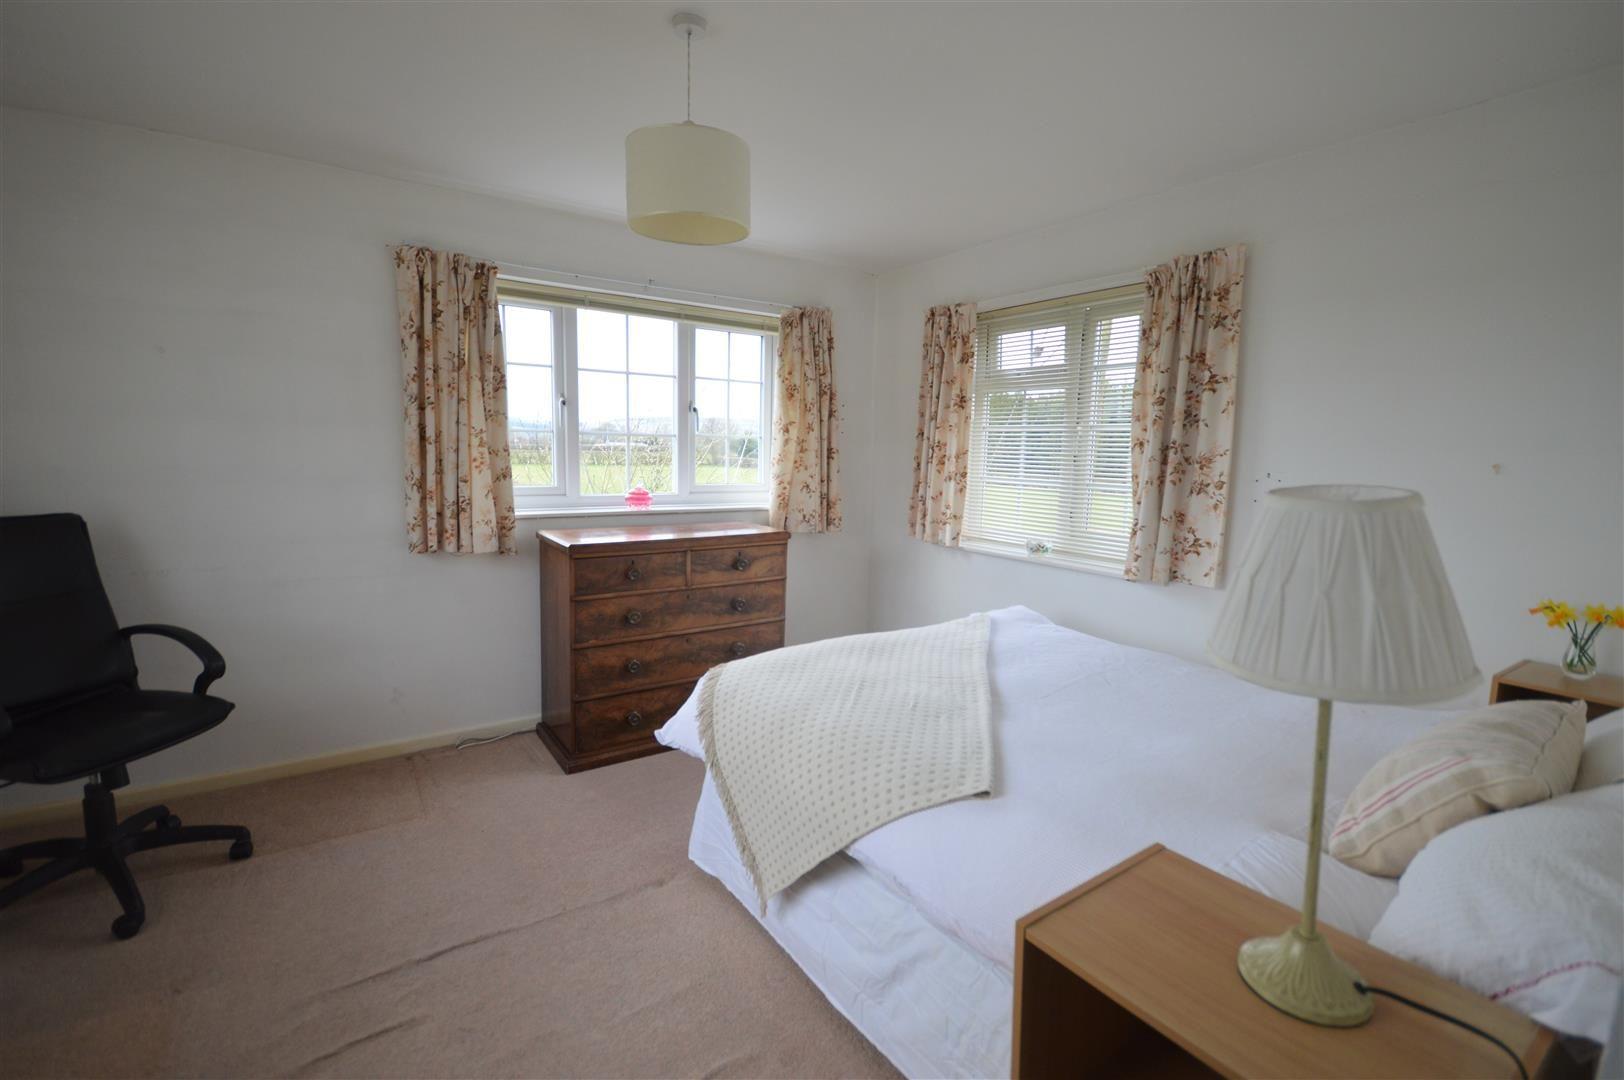 3 bed detached for sale in Kingsland  - Property Image 7